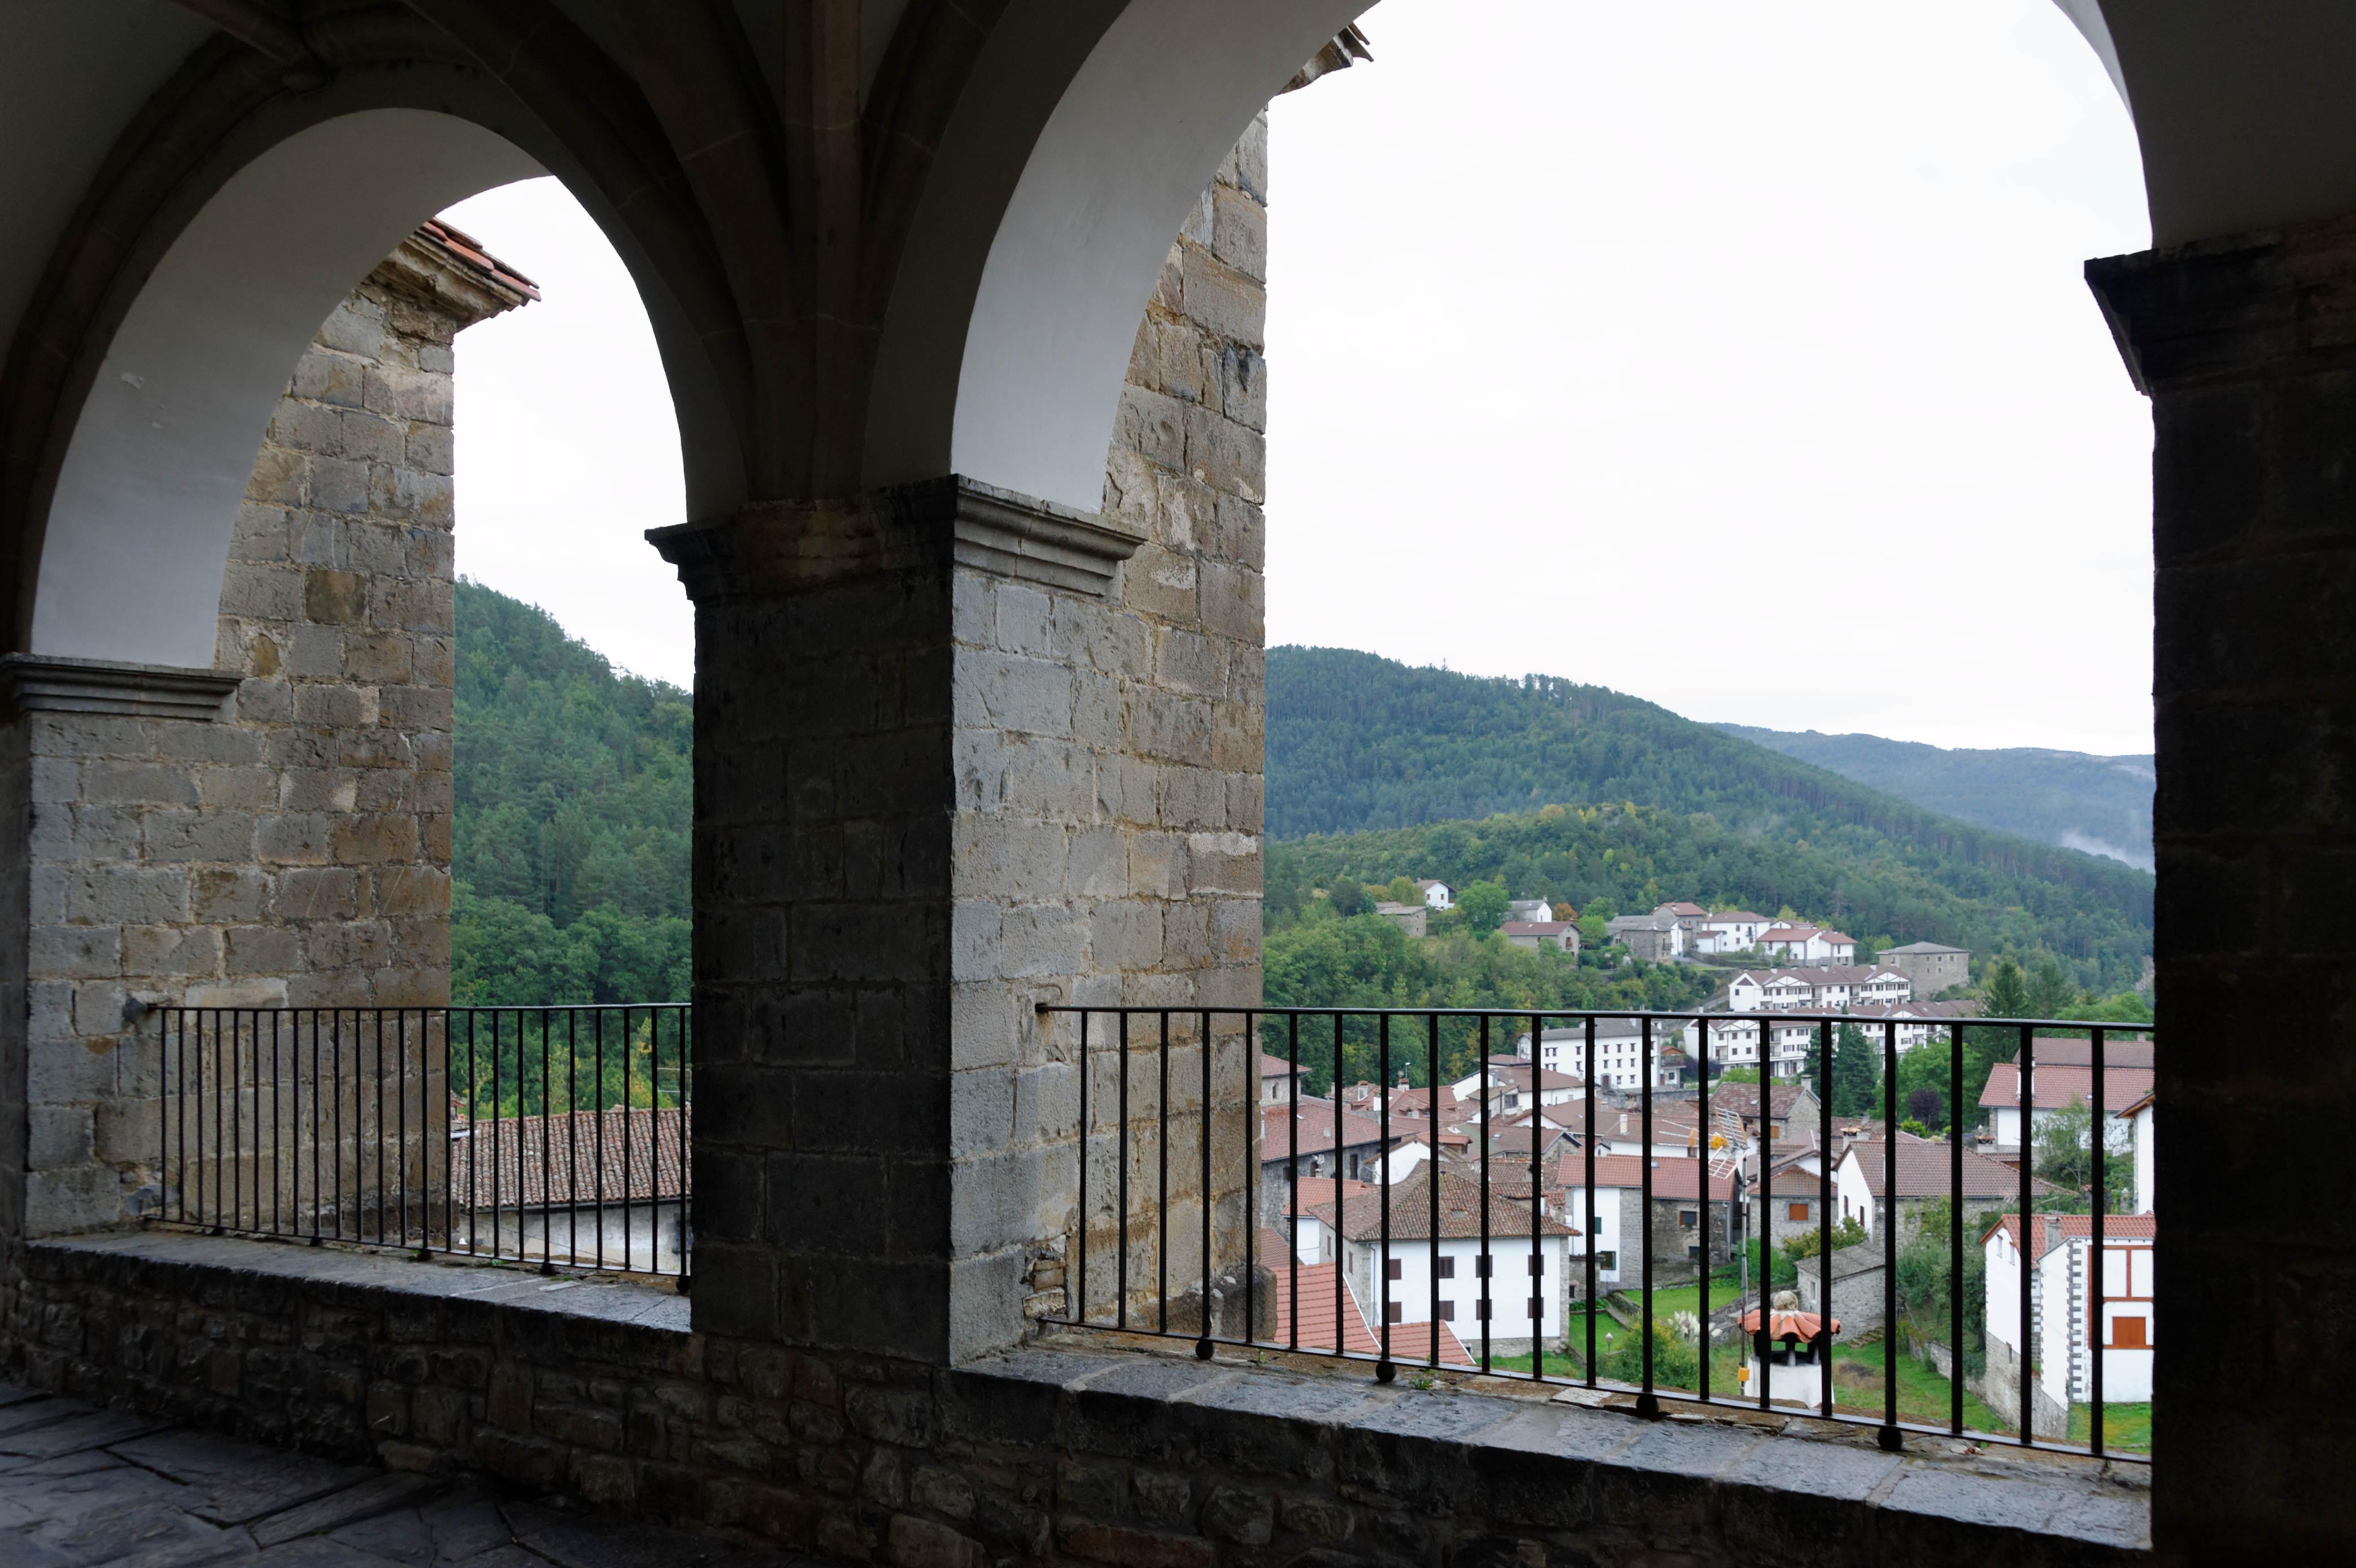 3905_Roncal (Aragon)